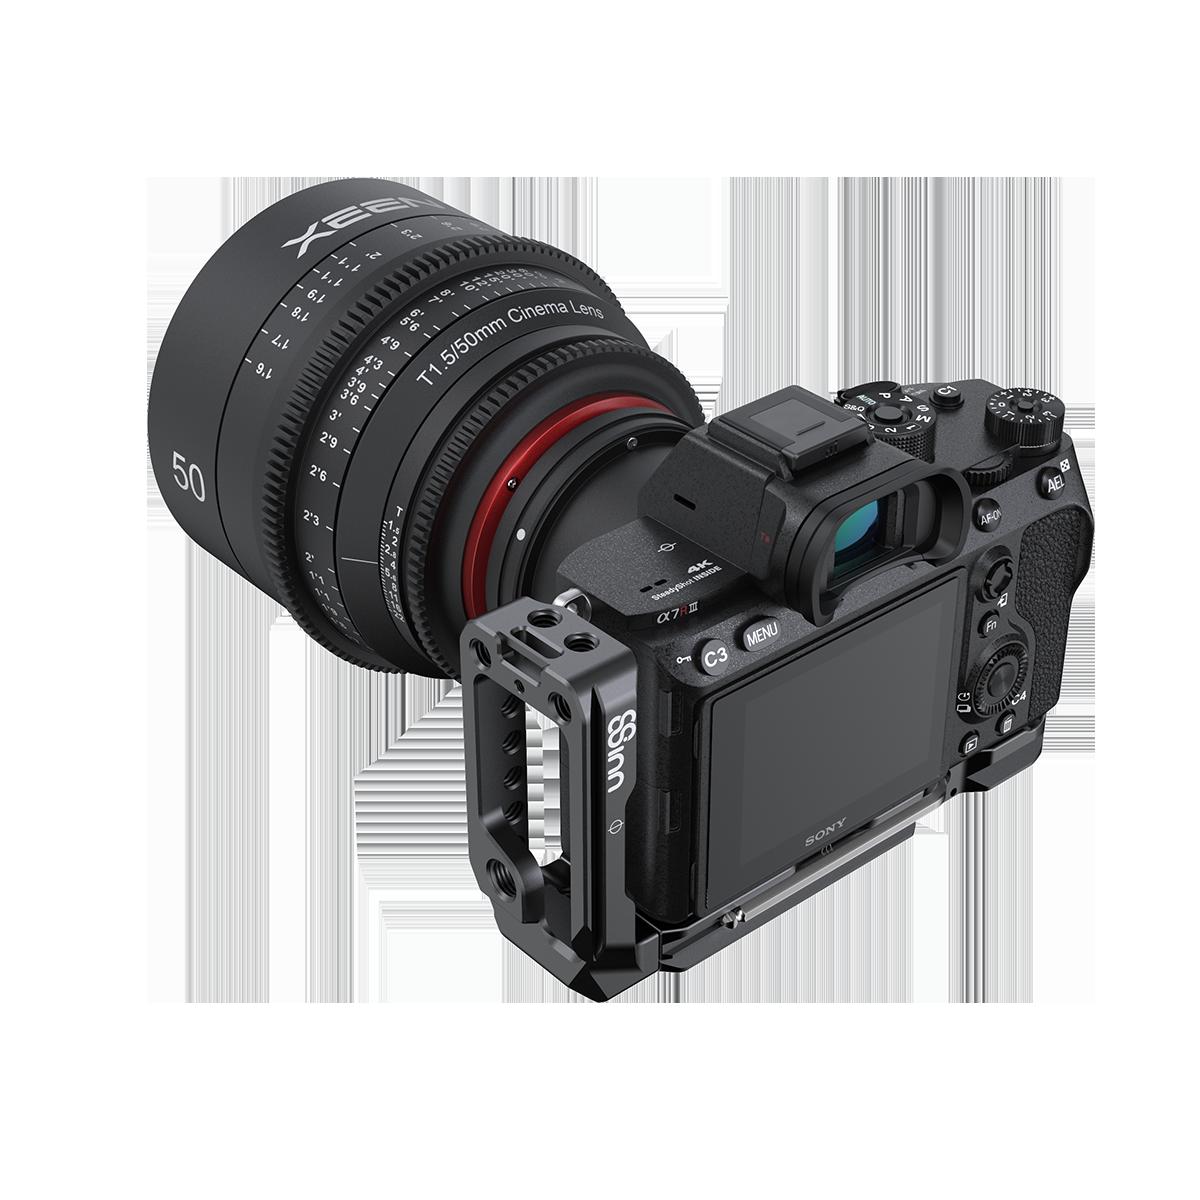 L-Bracket Sony A7R III_7.png